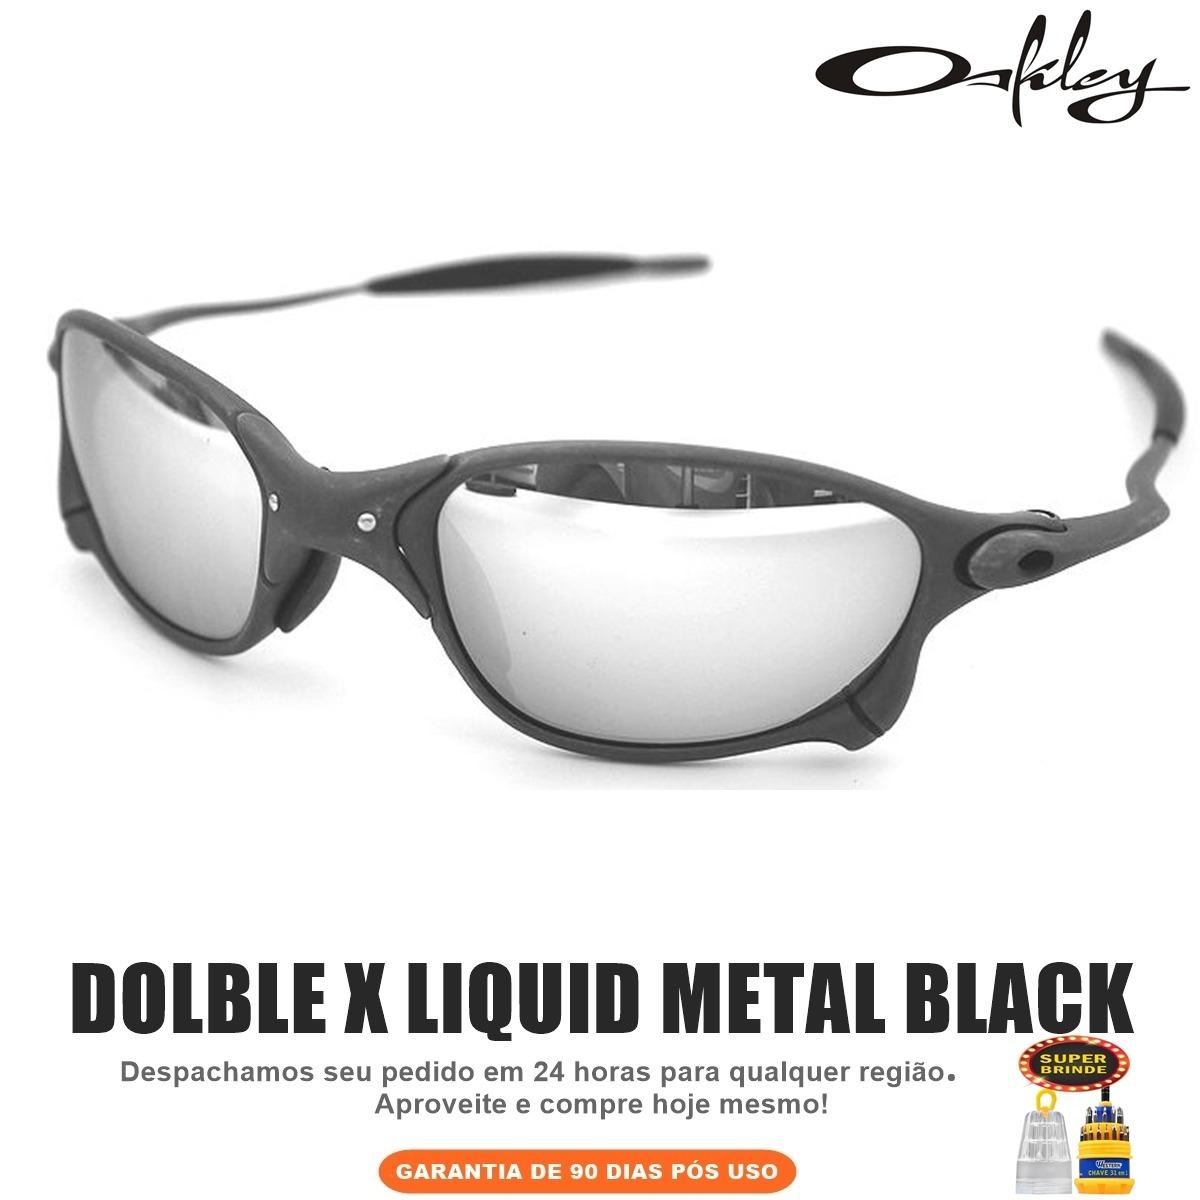 Óculos Oakley Dolble Xx Liquid Metal Juliet Penny Romeu 1 2 - R  120 ... 4de27544a36